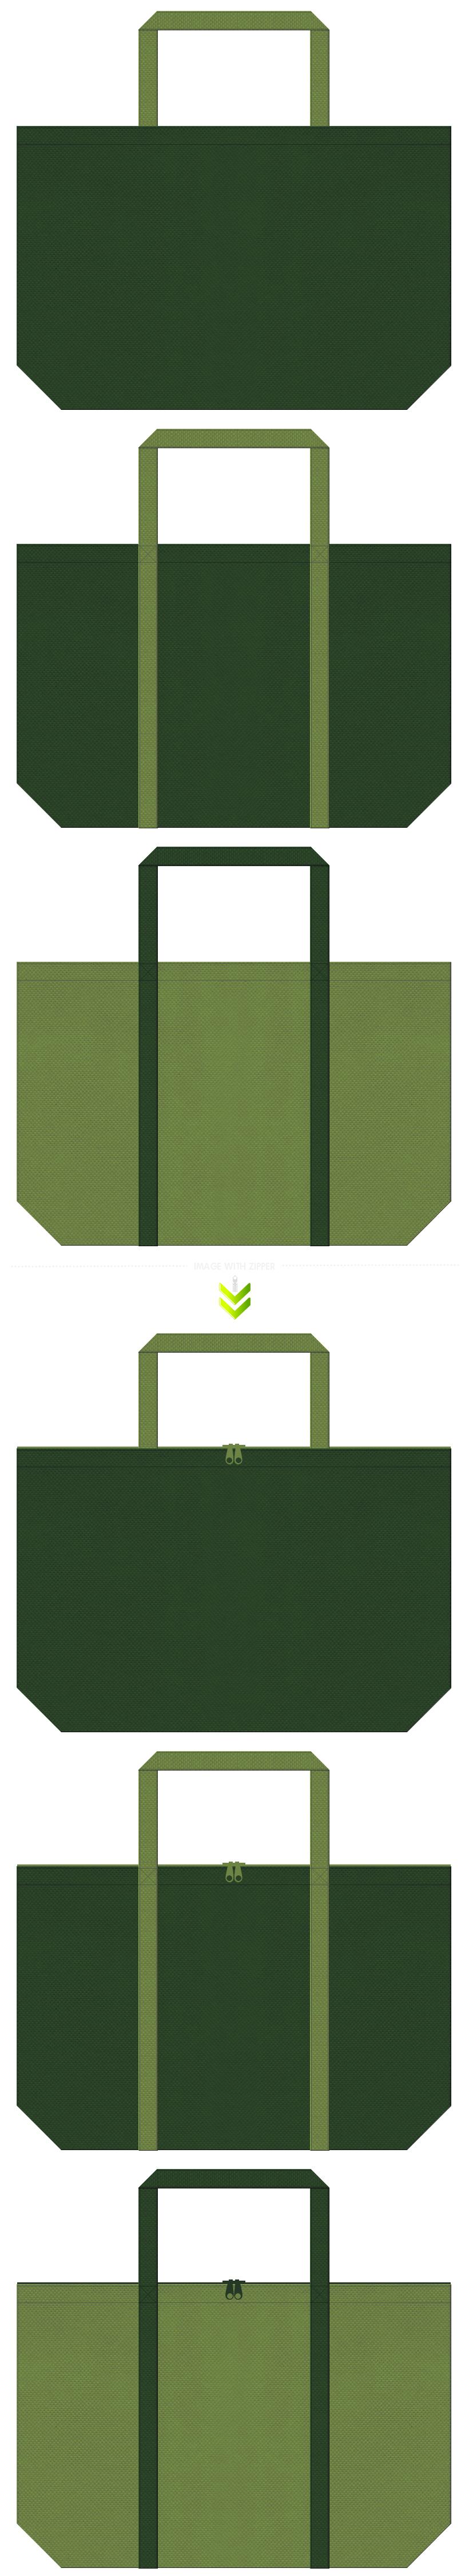 濃緑色と草色の不織布エコバッグのデザイン。ジャングル・恐竜・蓬餅イメージのショッピングバッグやノベルティにお奨めです。